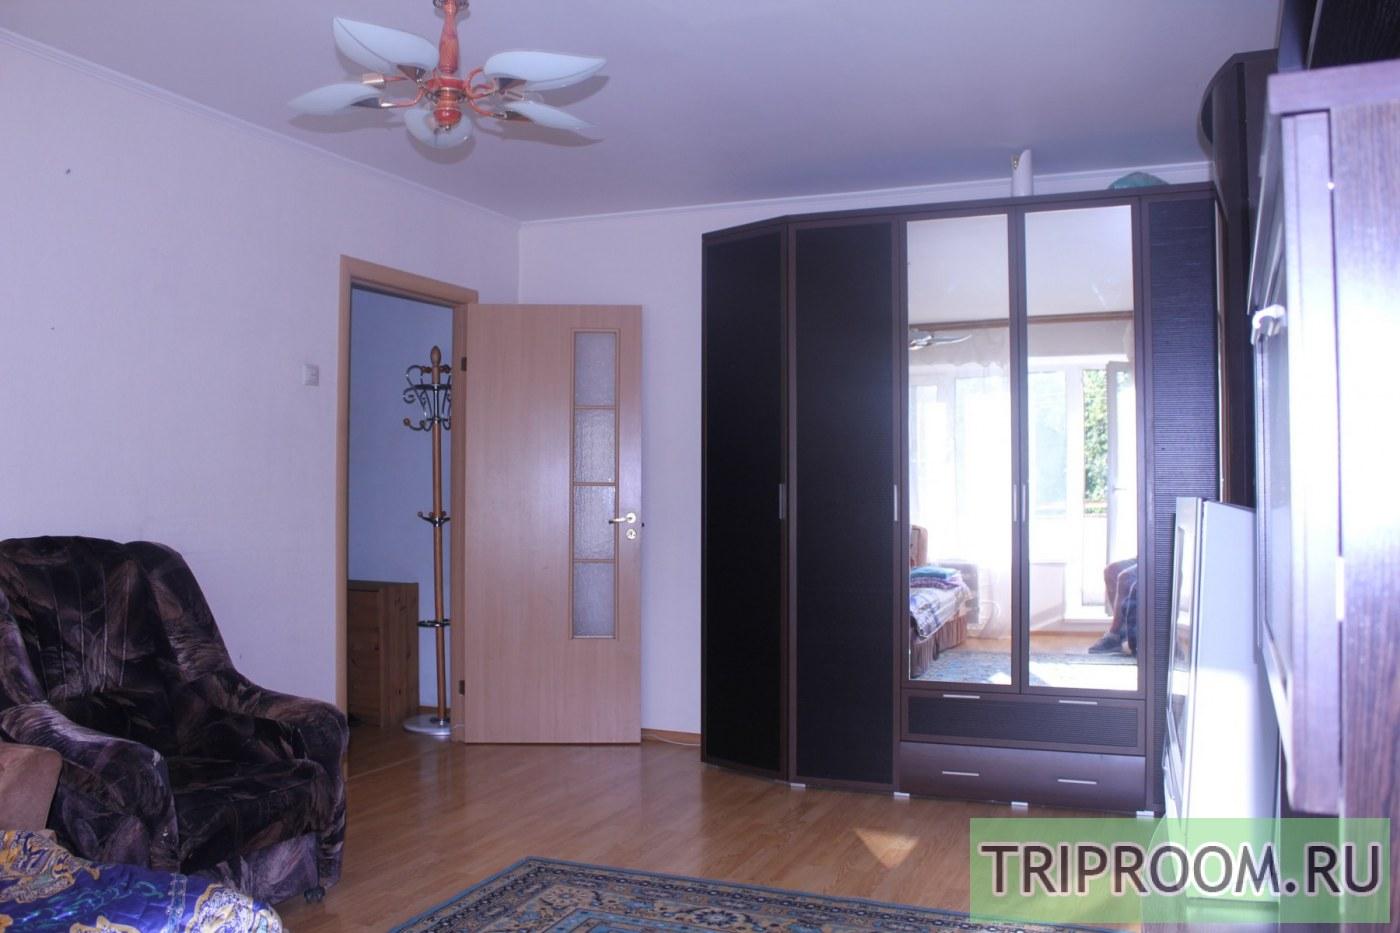 1-комнатная квартира посуточно (вариант № 40541), ул. Ореховый бульвар, фото № 4